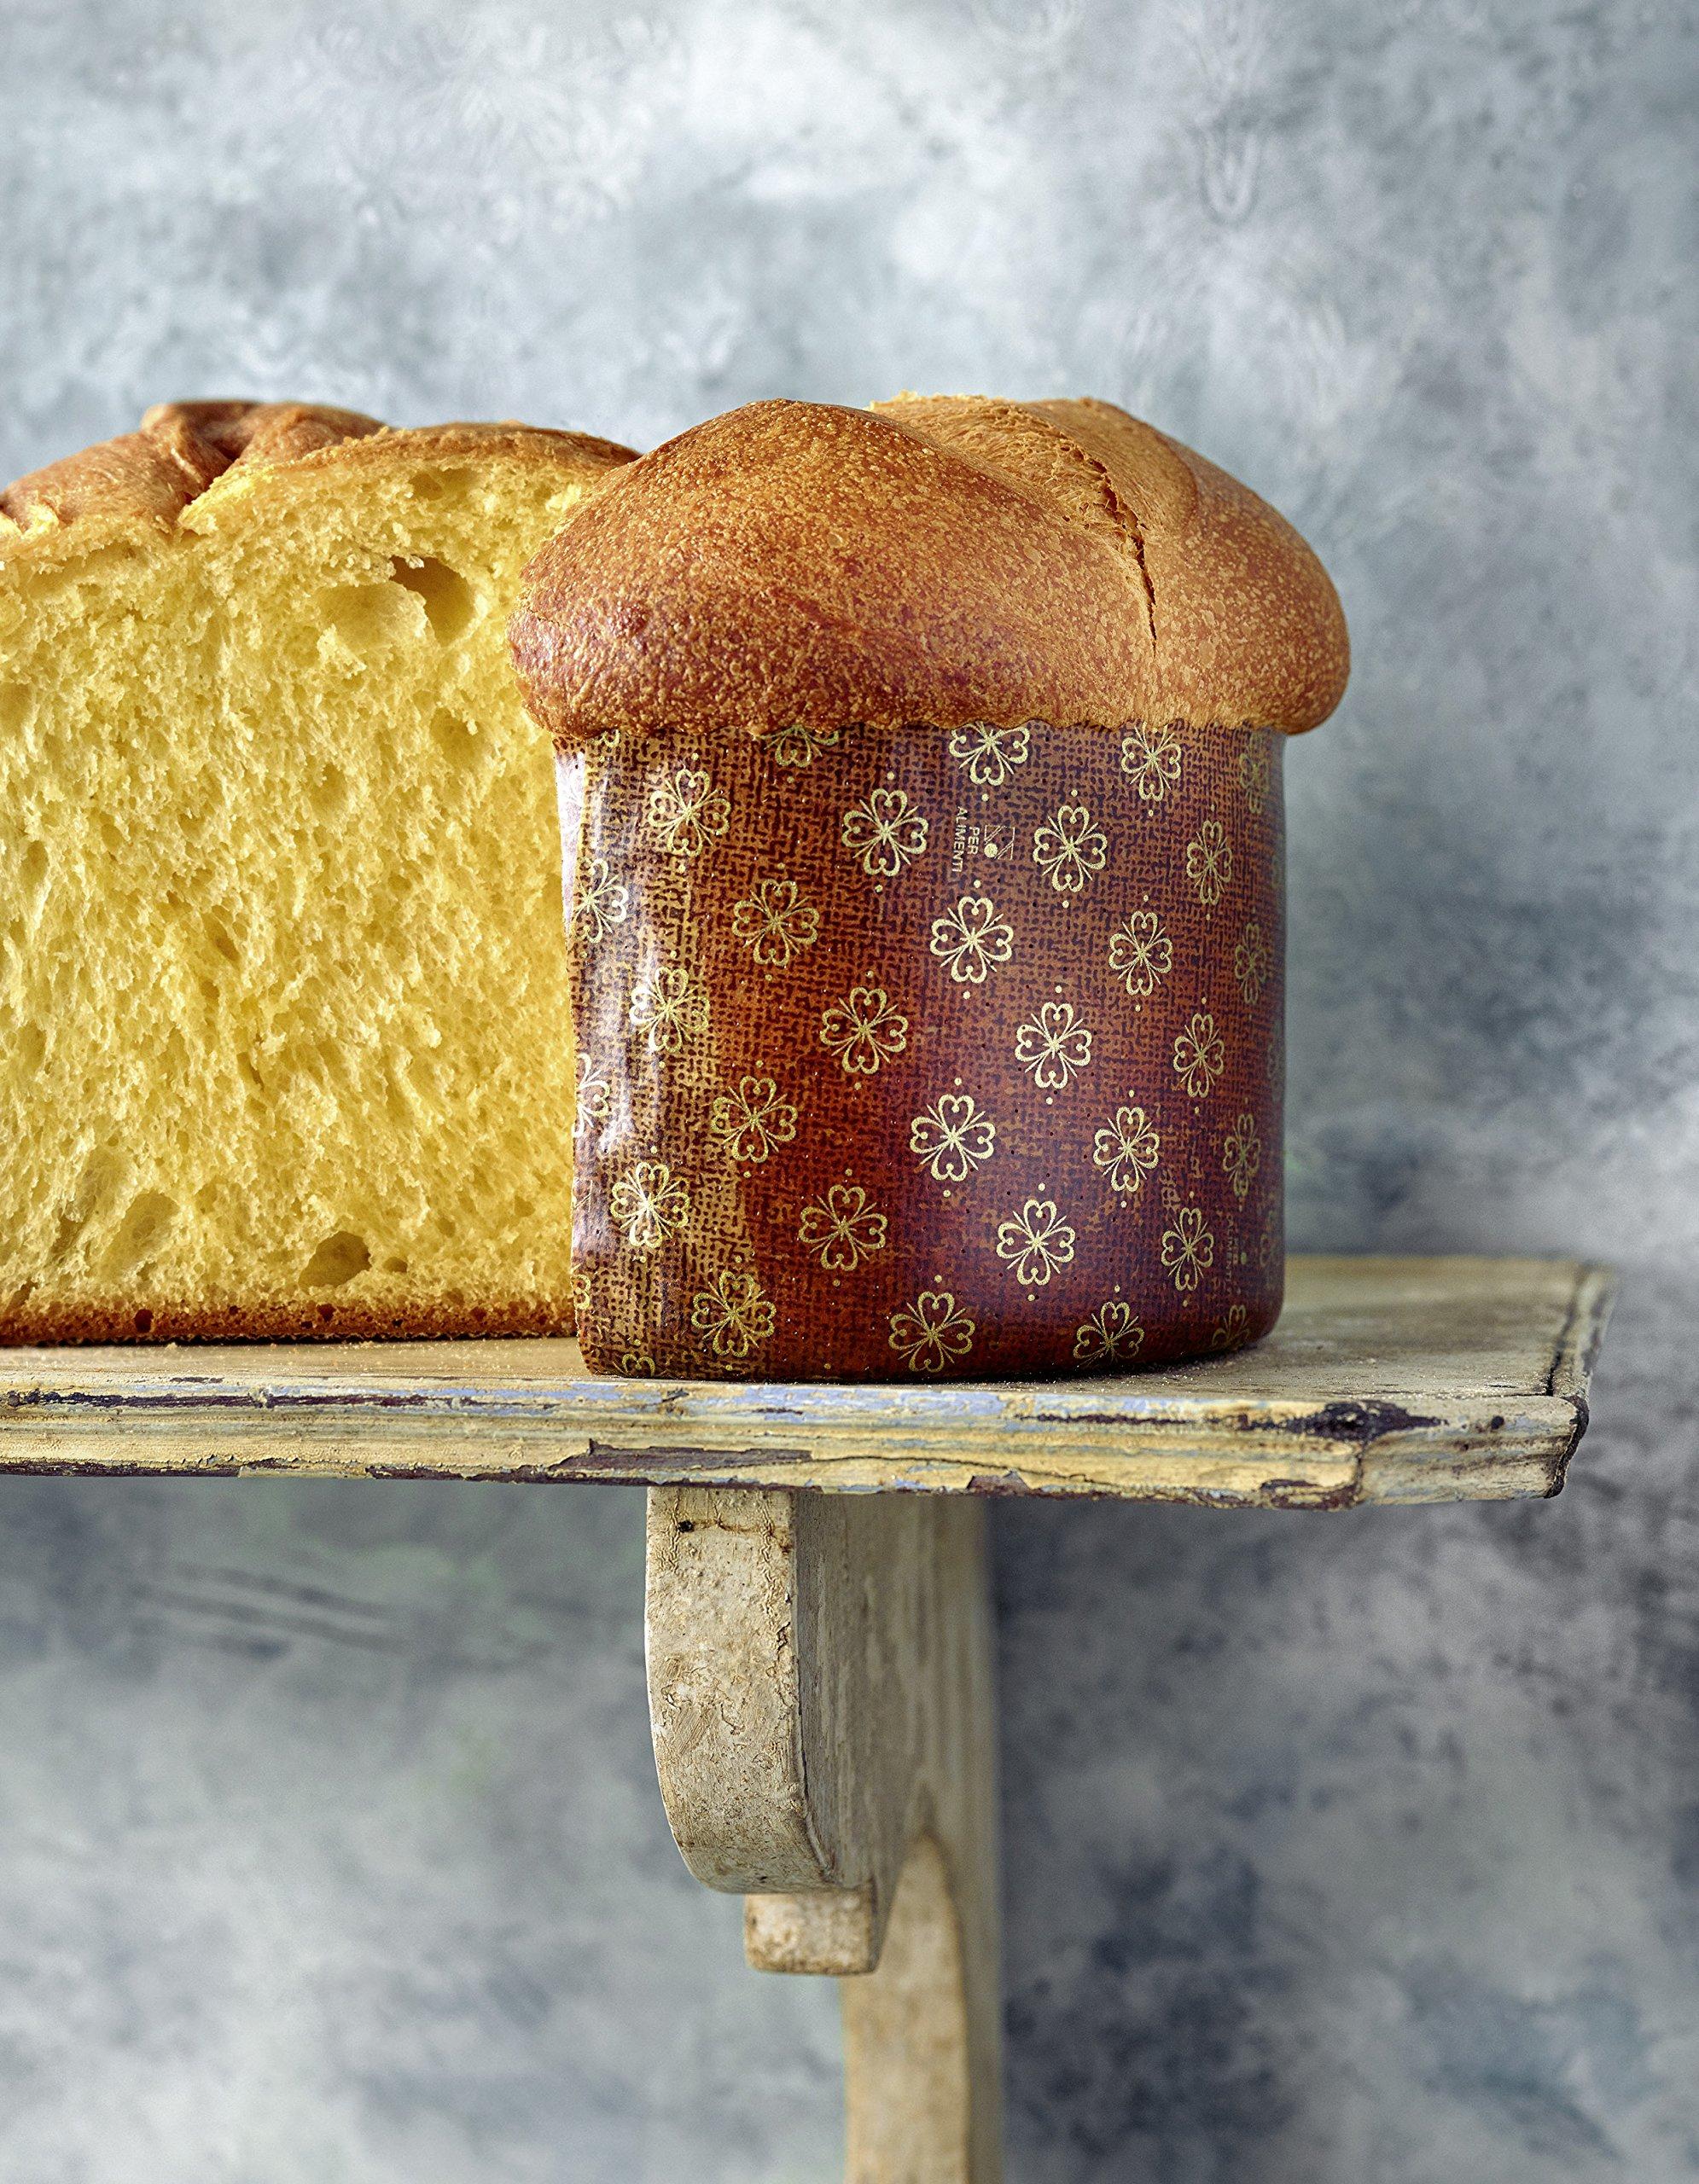 Brot backen in Perfektion mit Sauerteig – Das Plötz-Prinzip! – Vollendete Ergebnisse statt Experimente – 60 Brotklassiker – Baguette, Dinkelbrot, Frühstücksbrötchen, Croissants und mehr